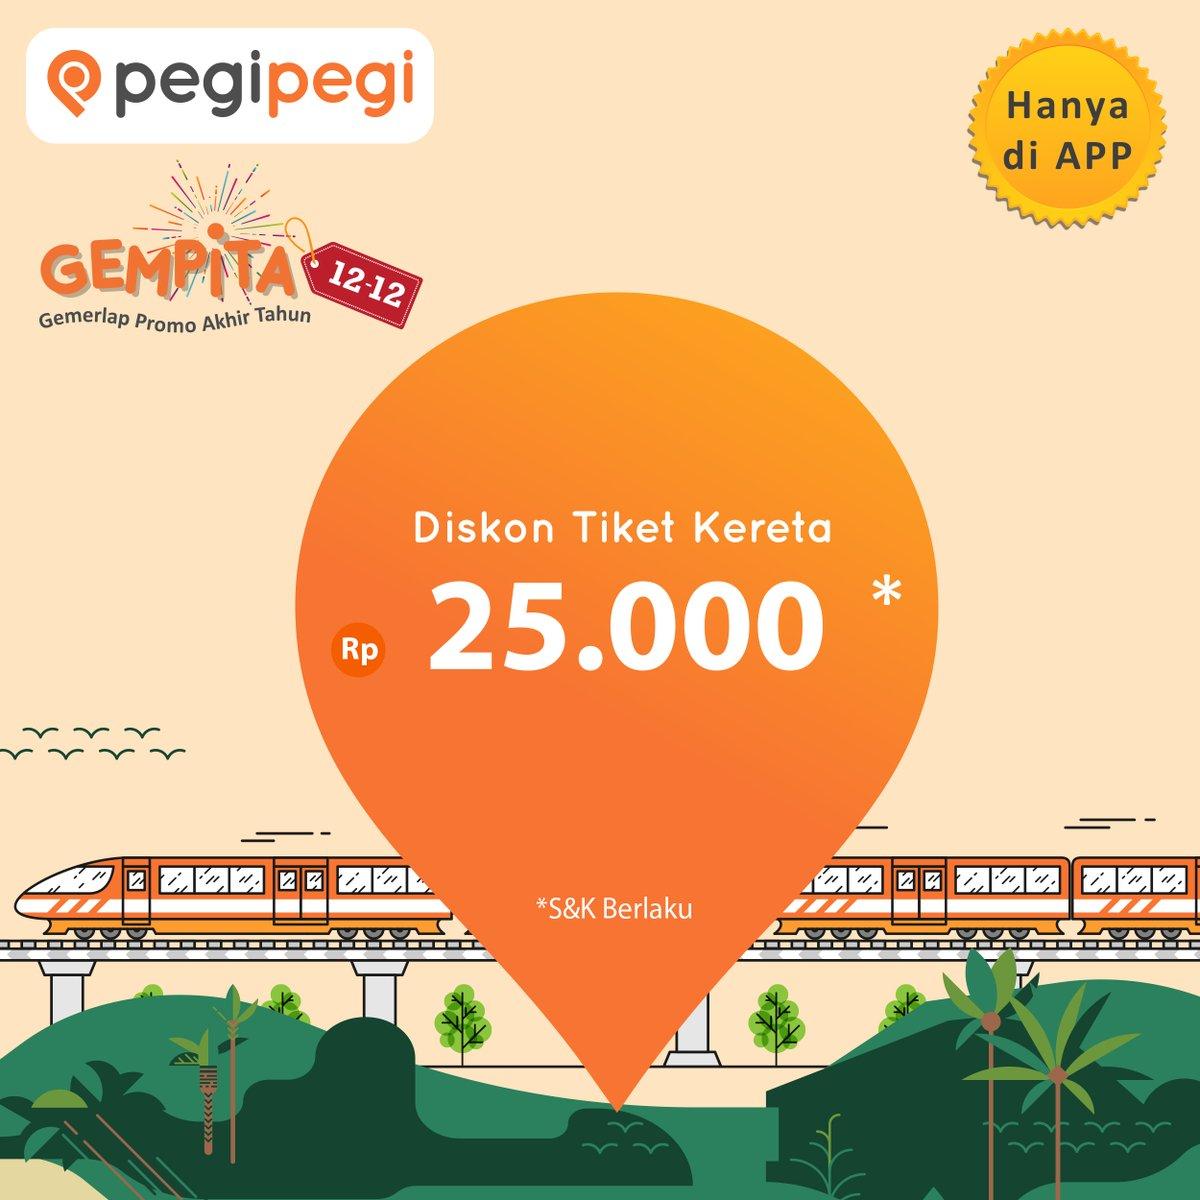 PegiPegi - Promo Diskon 25K Tiket KAI Pakai Aplikasi (s.d 20 Des 2018)